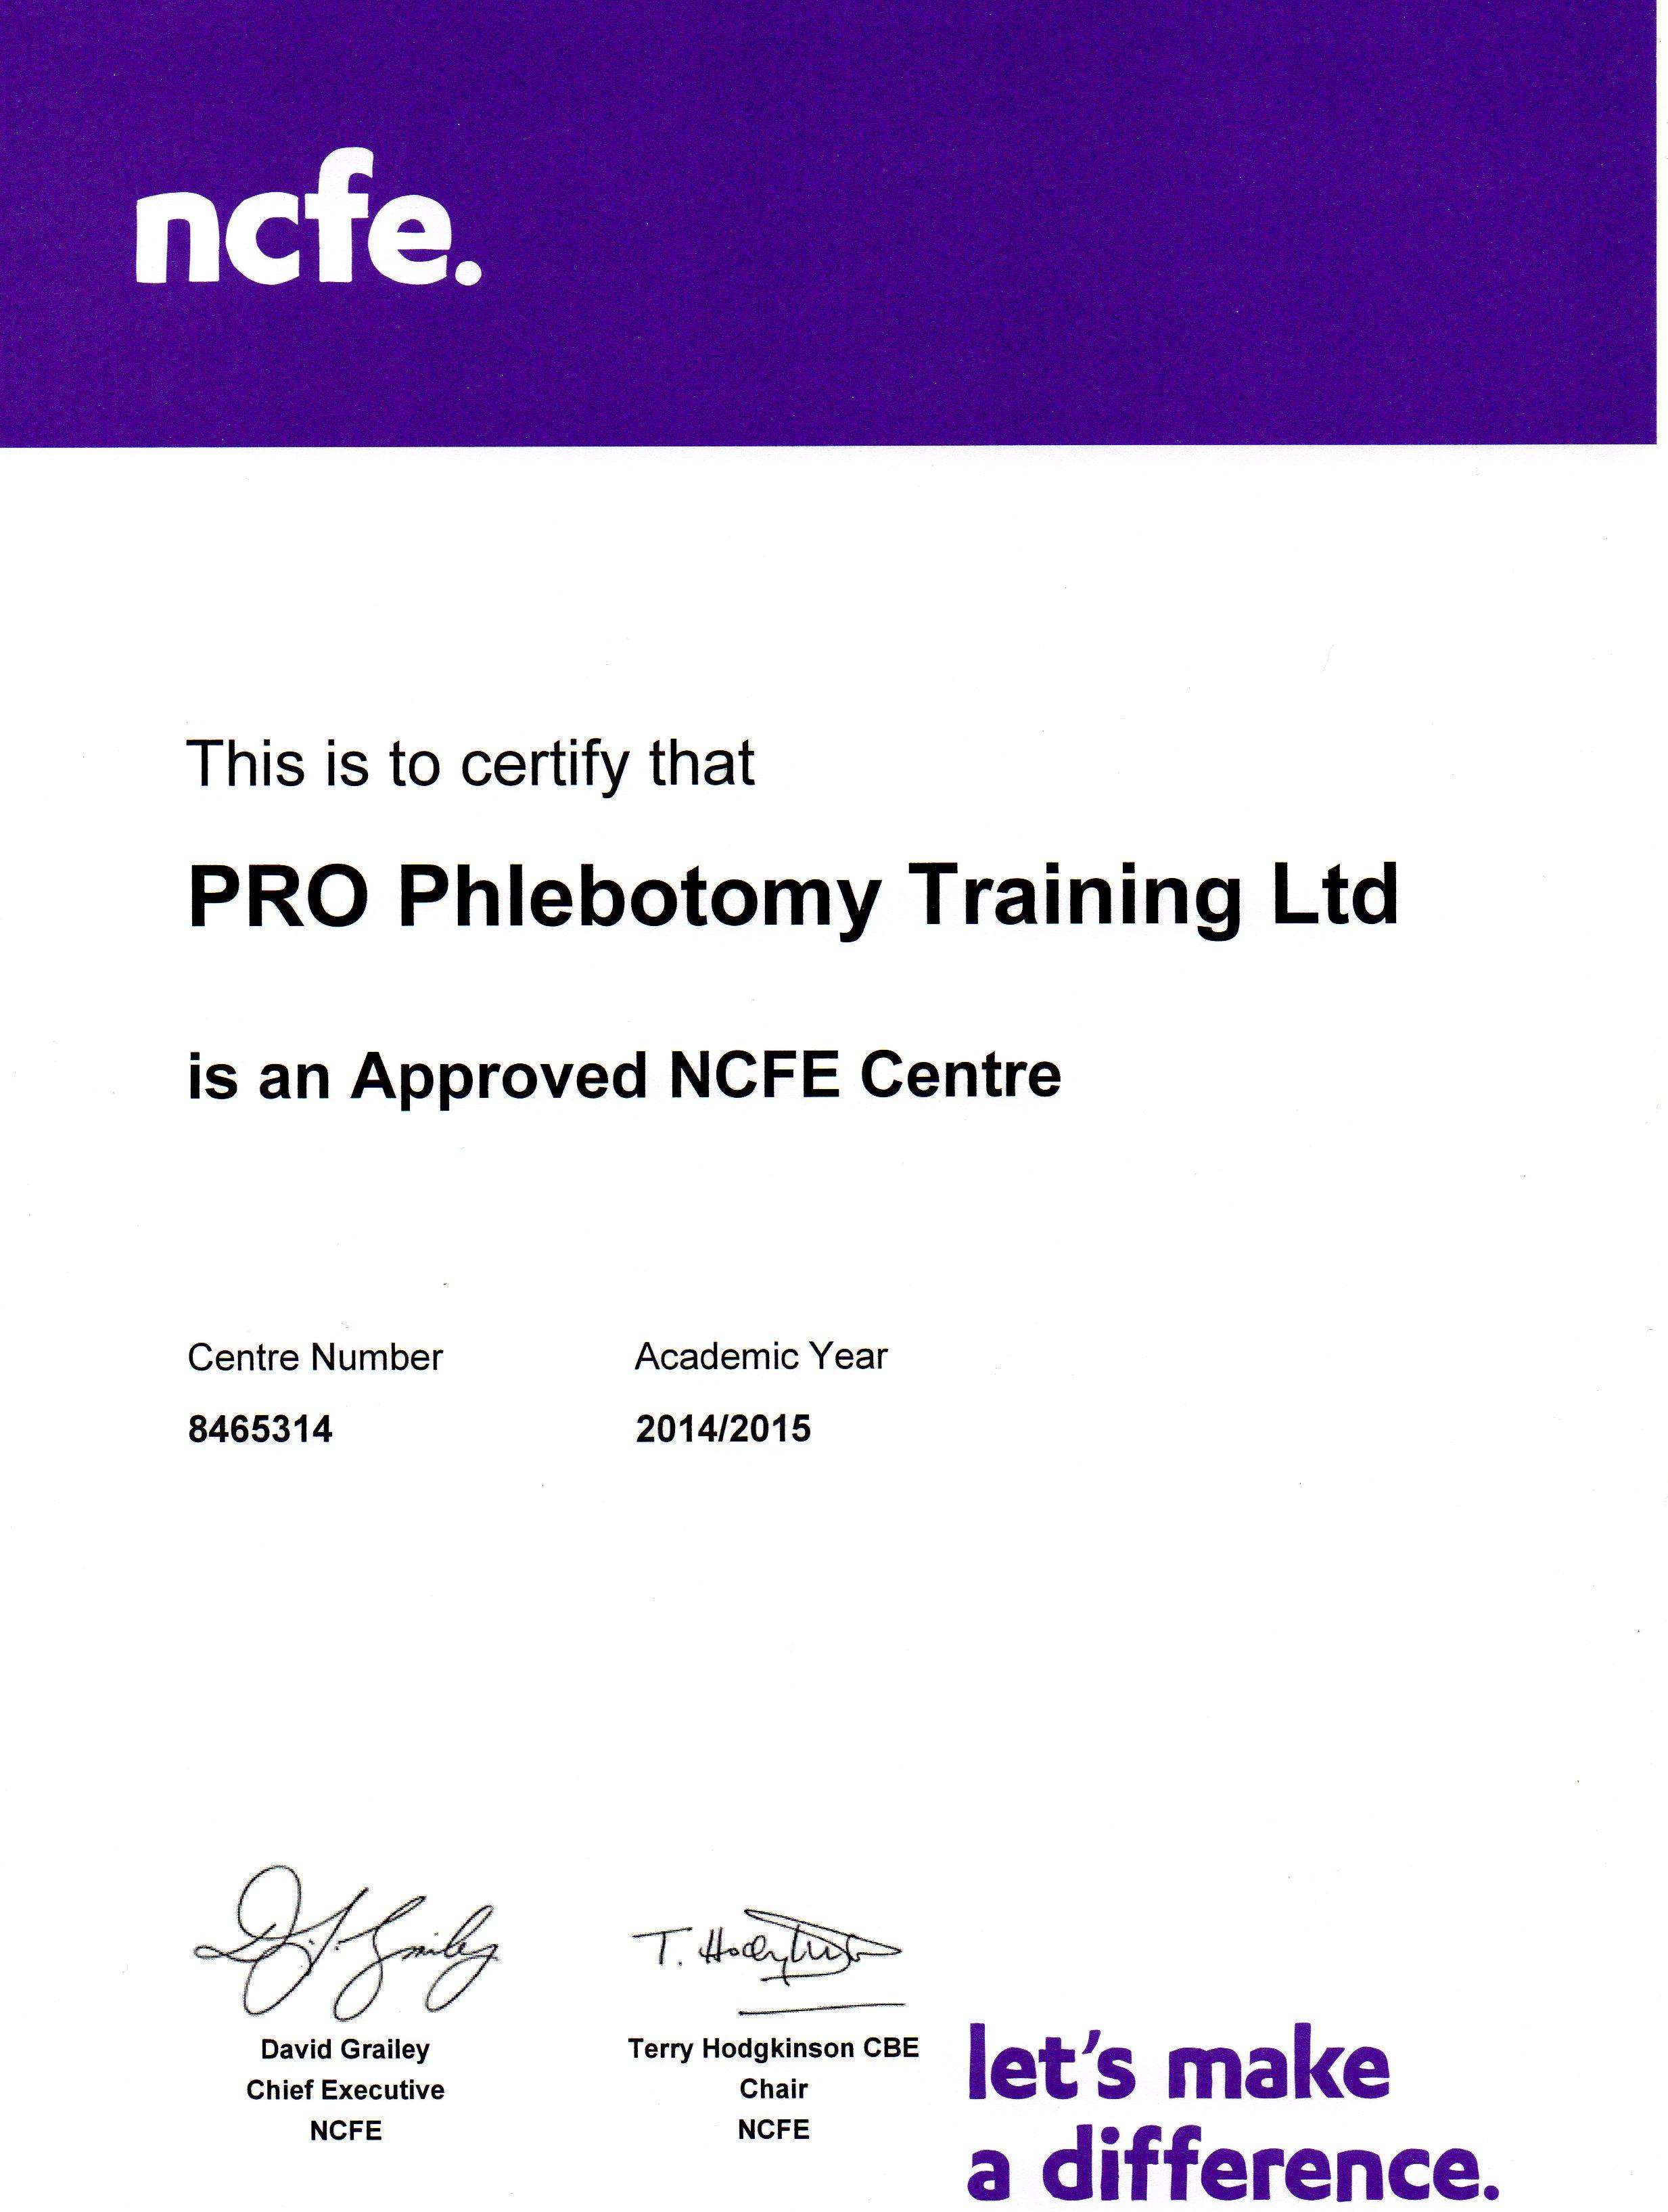 Our Accreditation Pro Phlebotomy Training